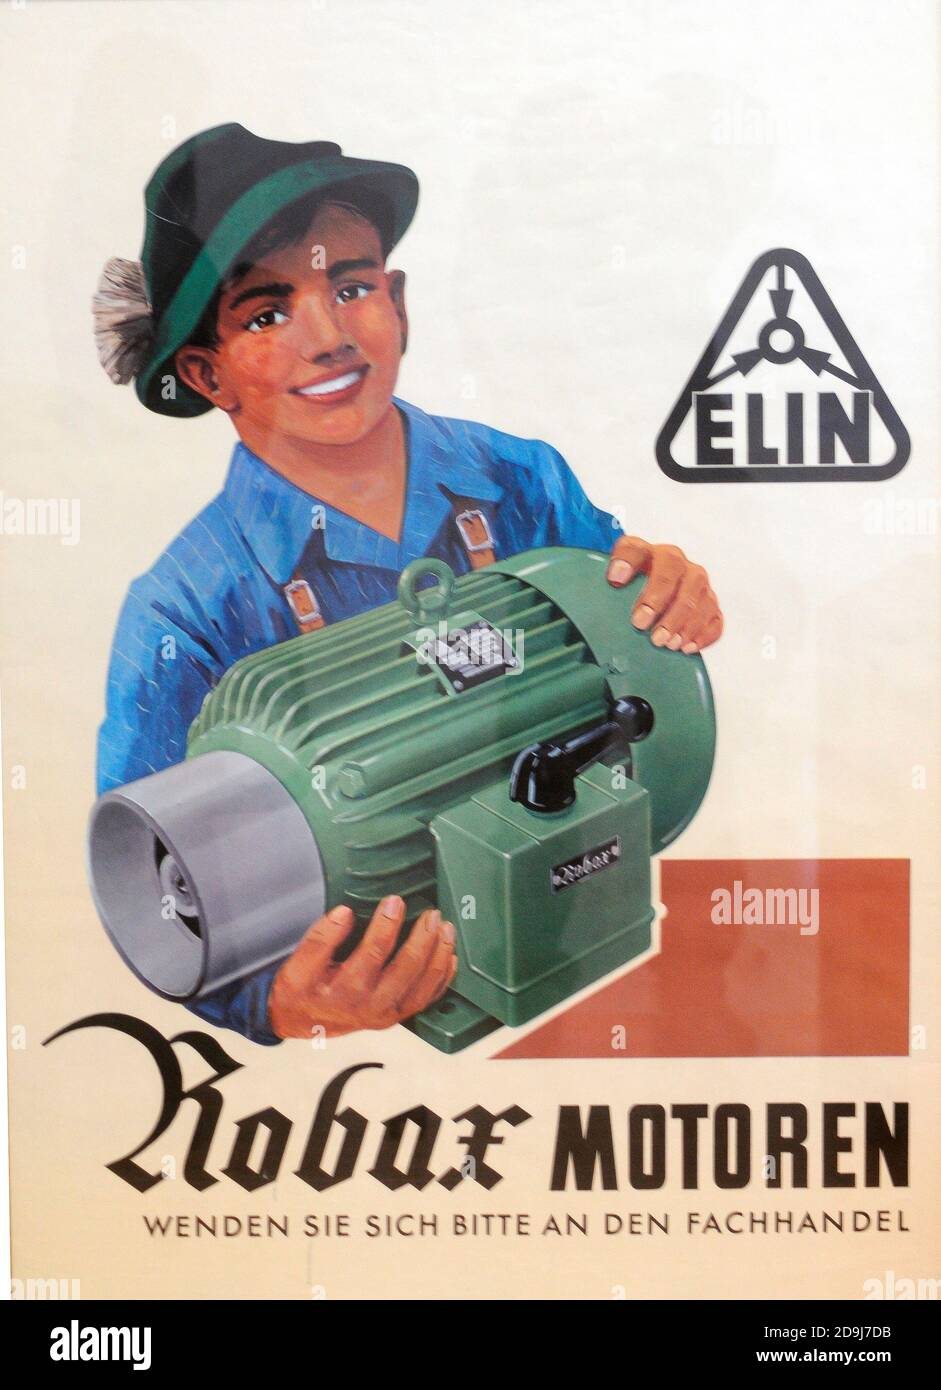 elin motoren Stock Photo